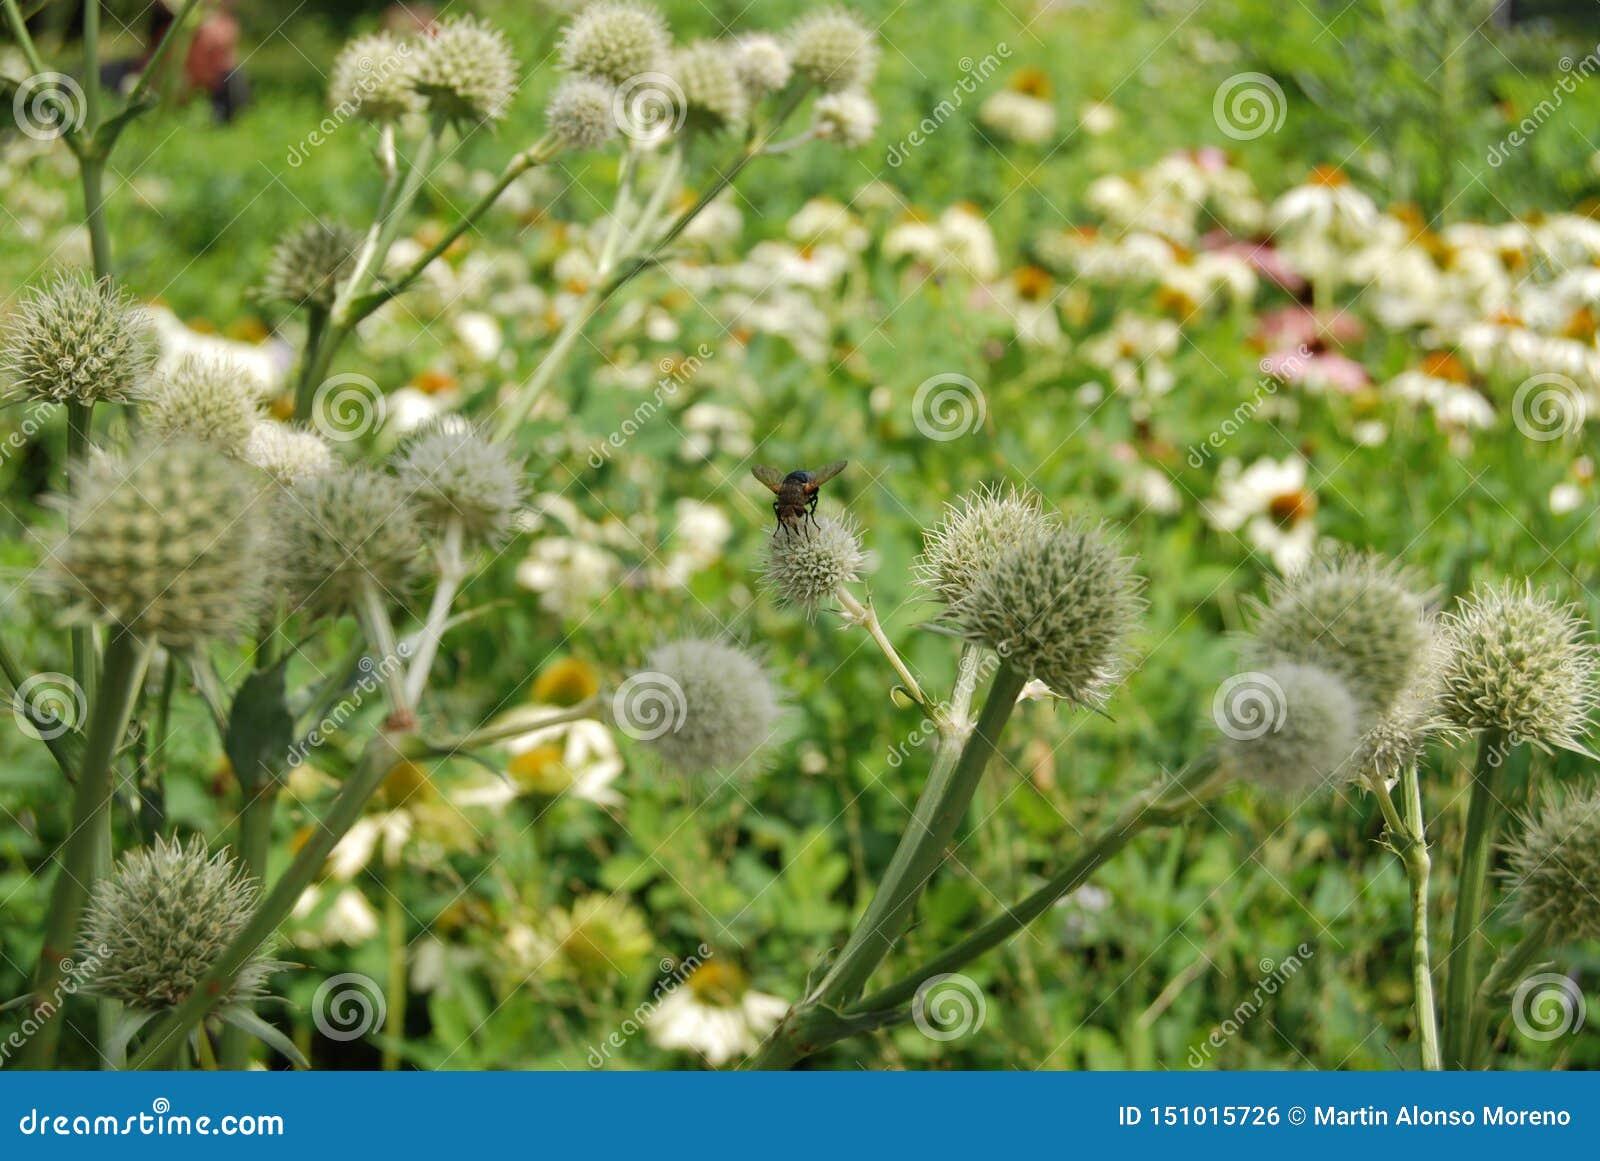 Mouche d Insec au-dessus de la fleur